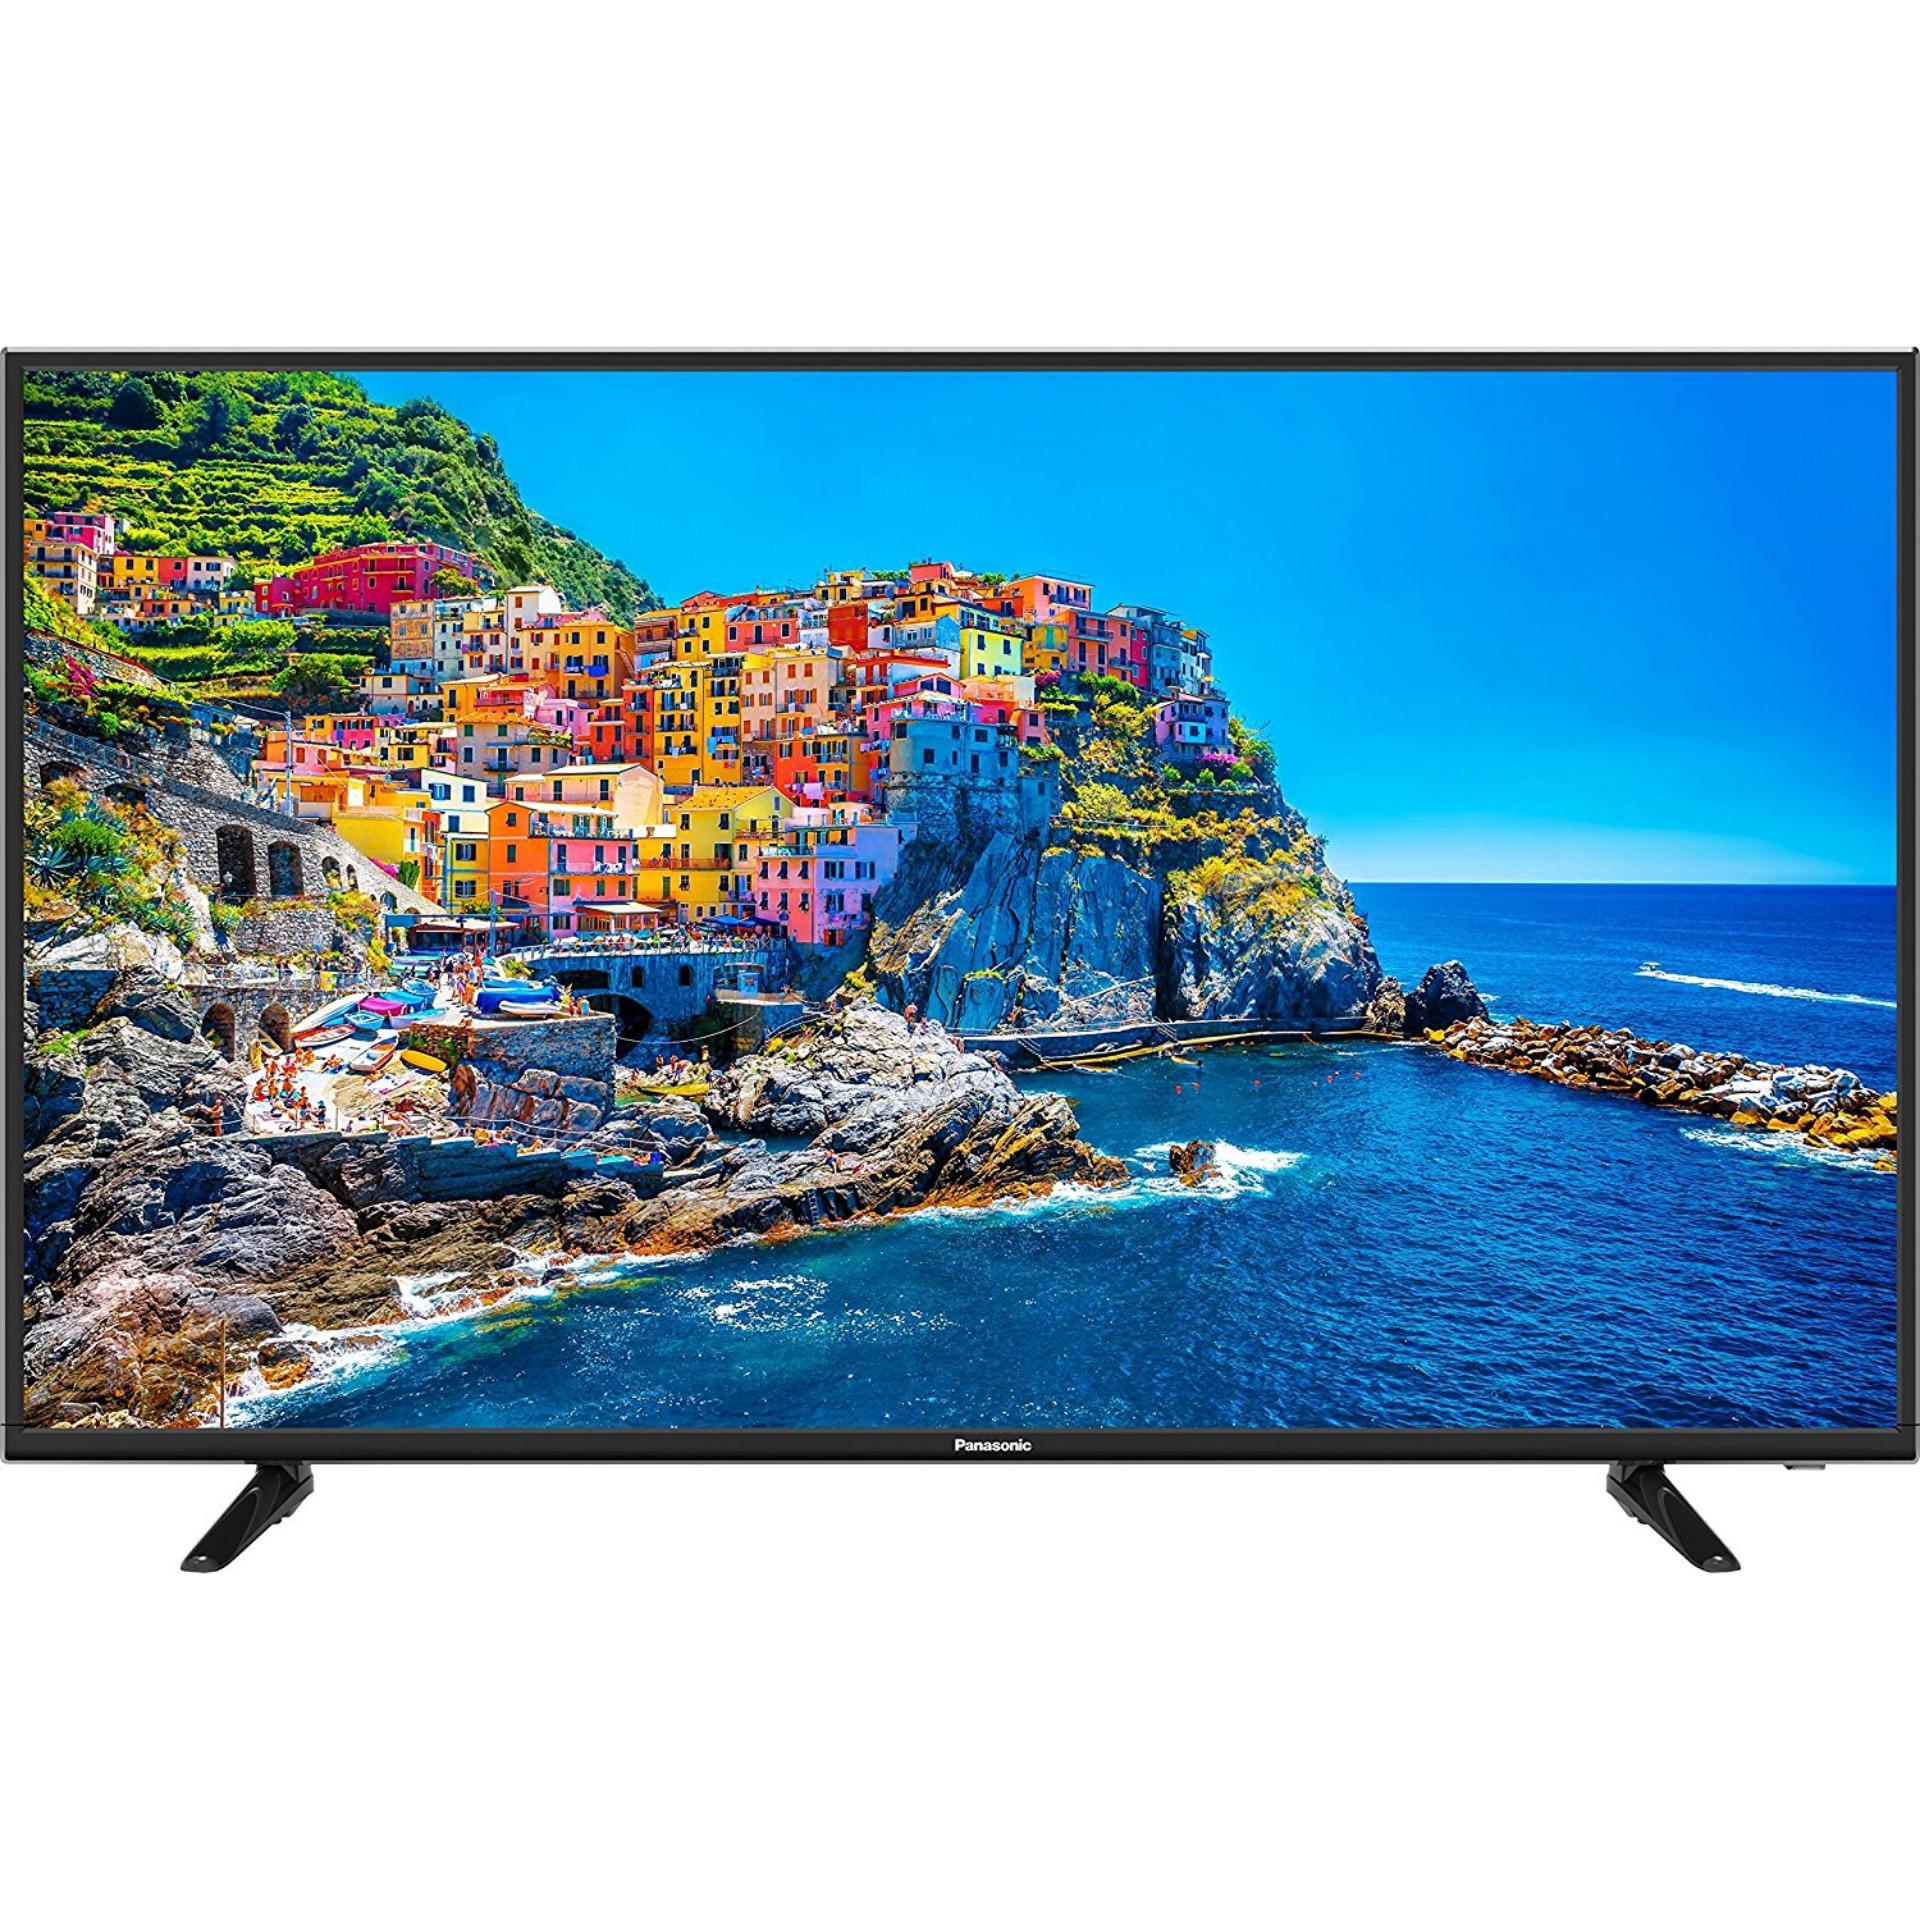 Panasonic LED TV Digital TH43E302 Free Bracket